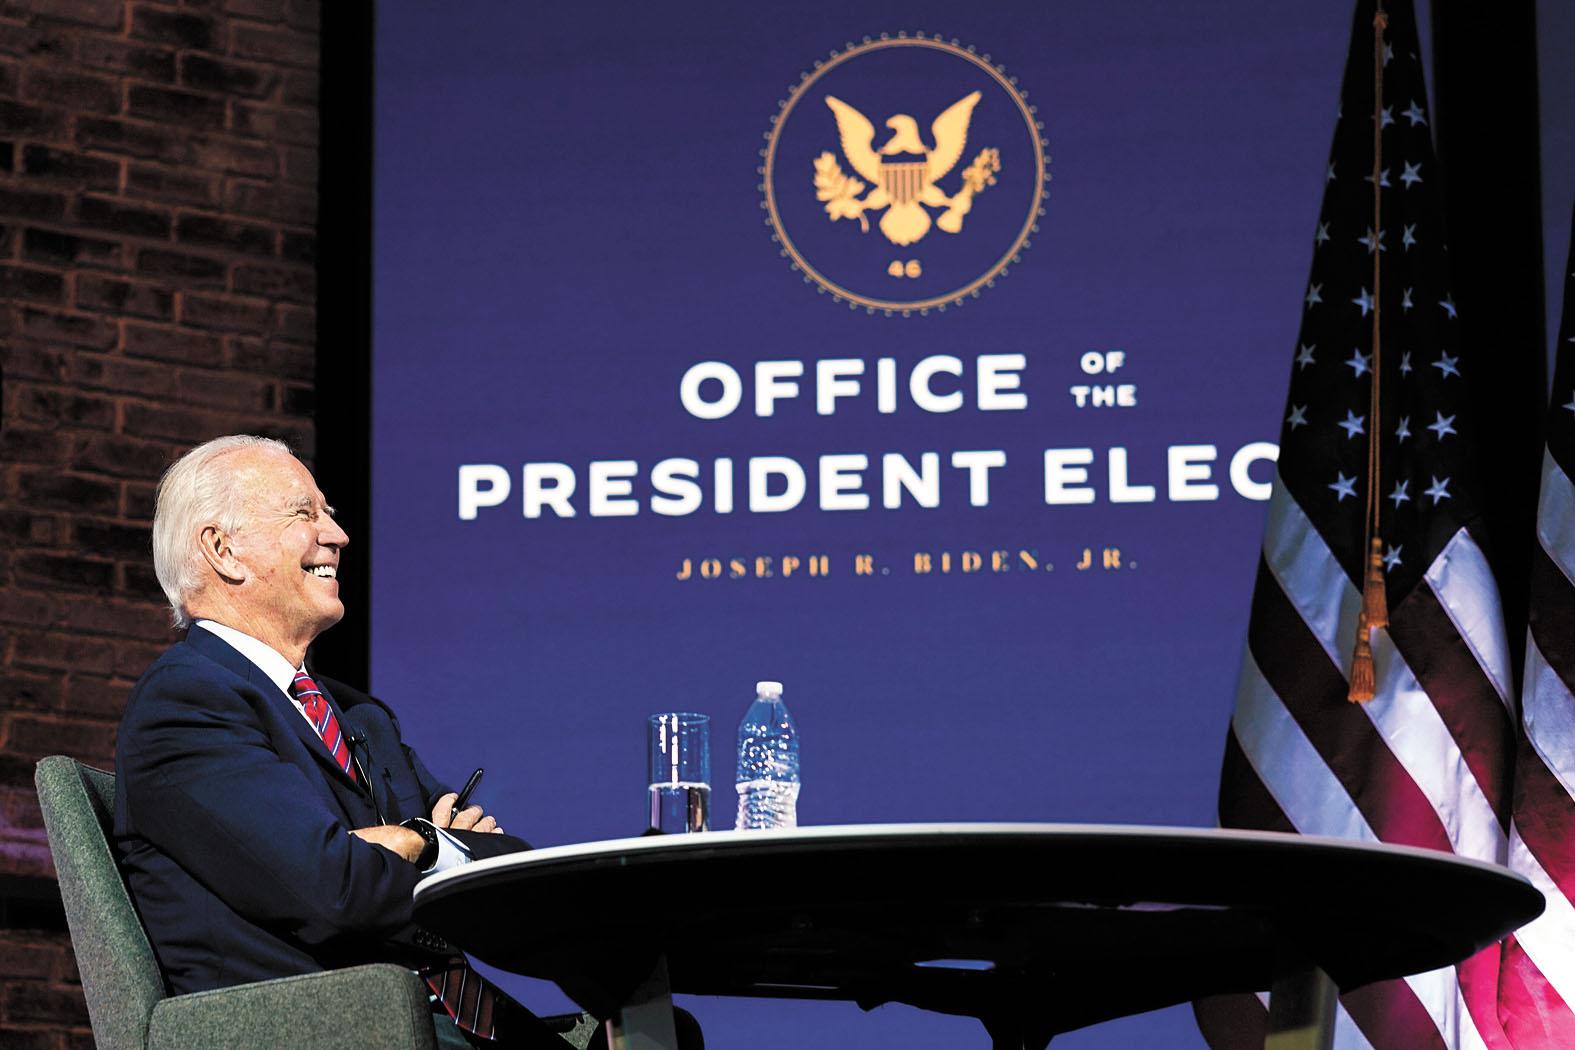 拜登(大圖)陣營發表聲明表示,總務署「已確認拜登和賀錦麗為正副總統當選人」。美聯/法新社